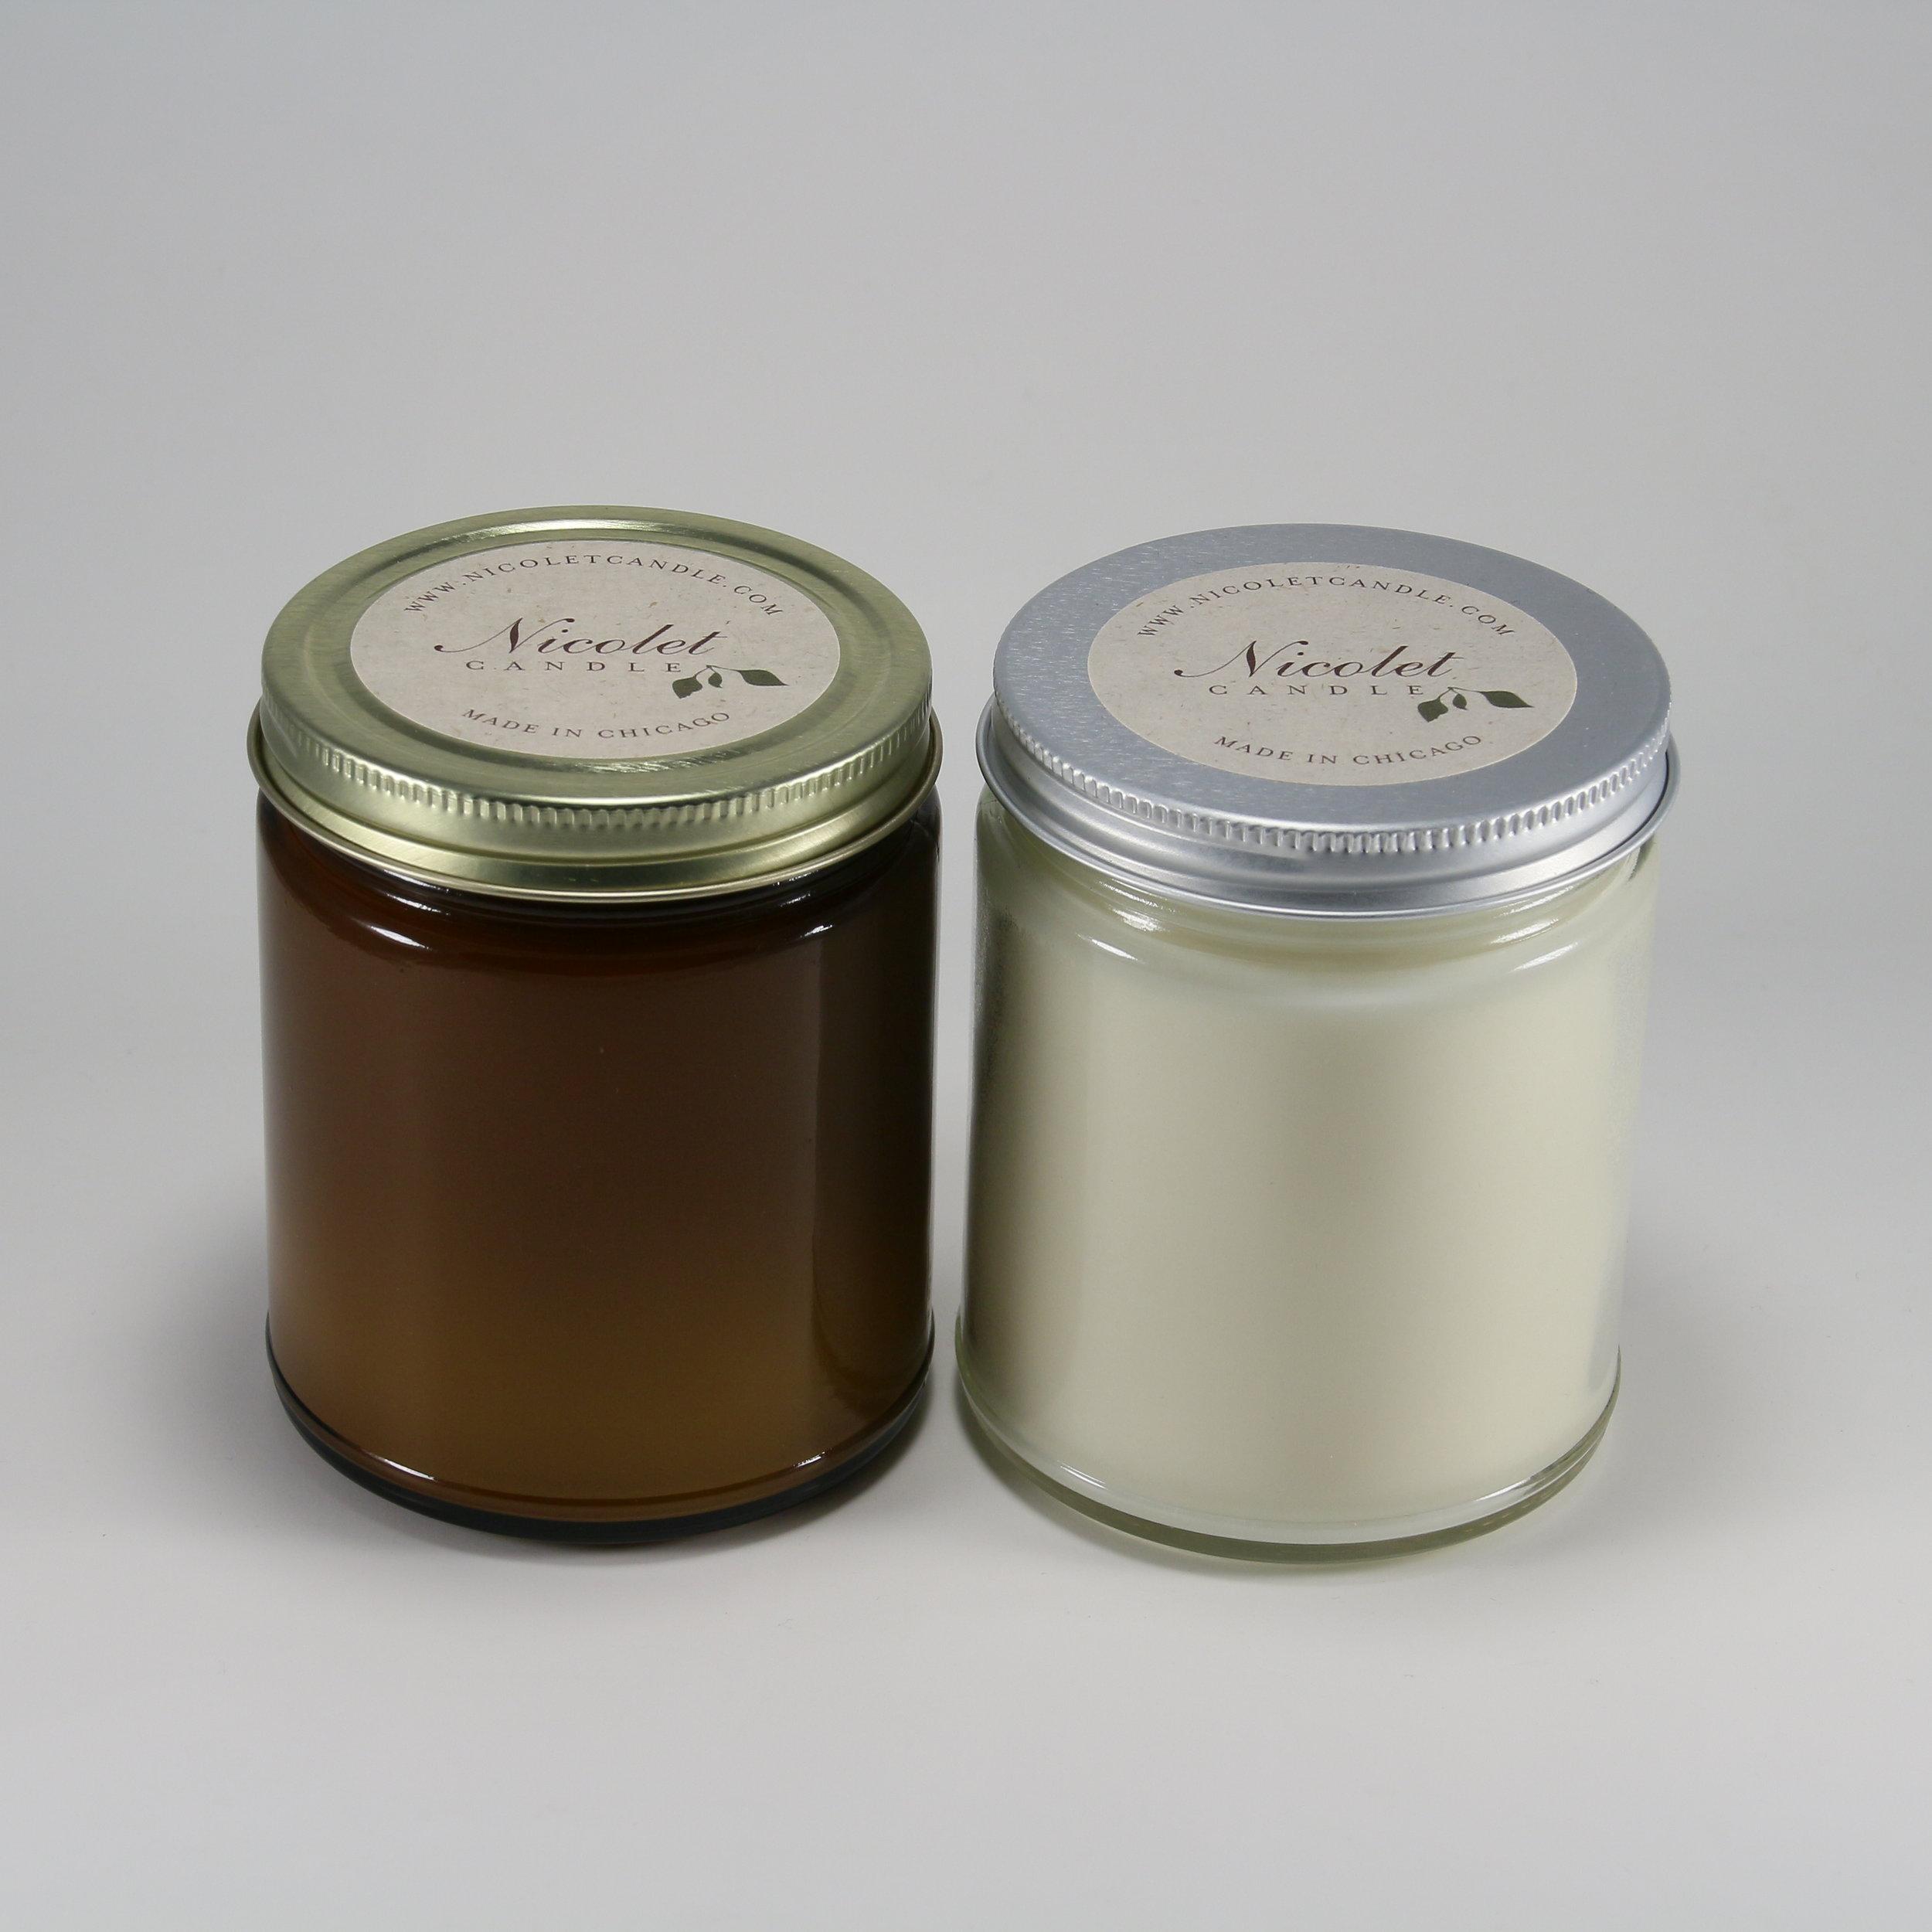 Nicolet Candle Jars.jpg